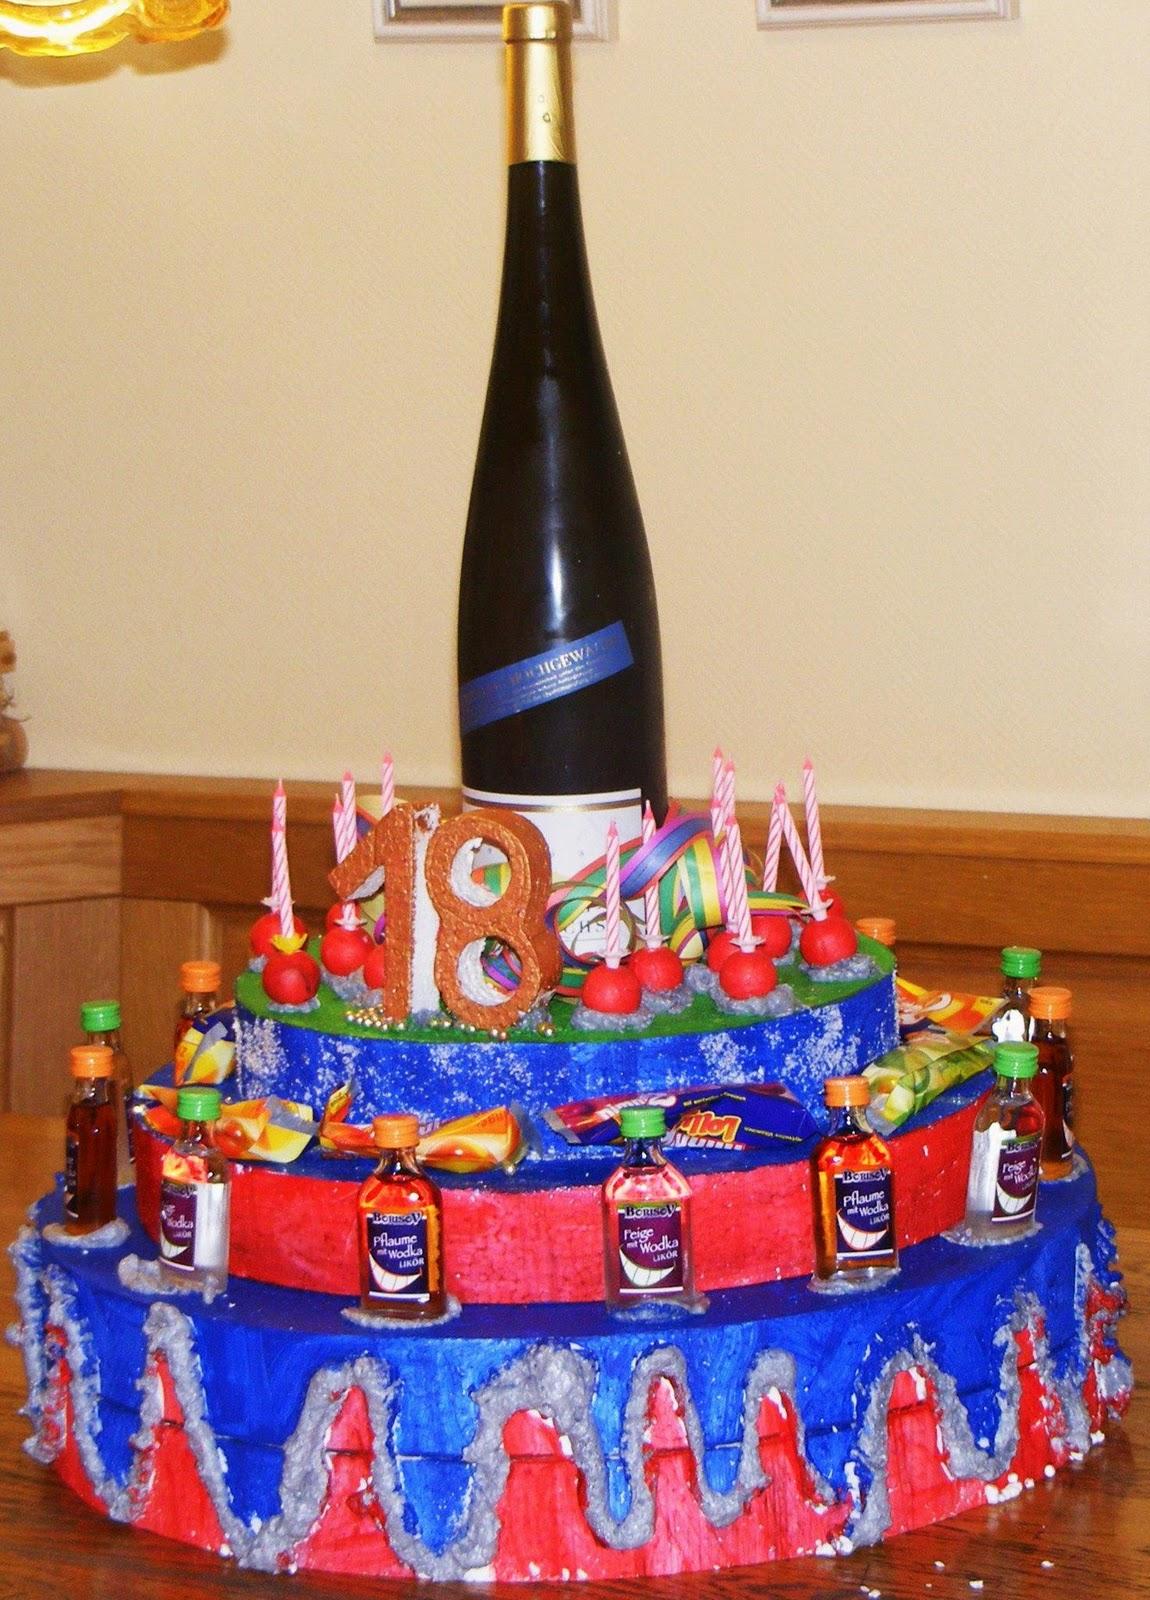 ... : Torte zum Trinken: Das etwas andere Geschenk zum Geburtstag